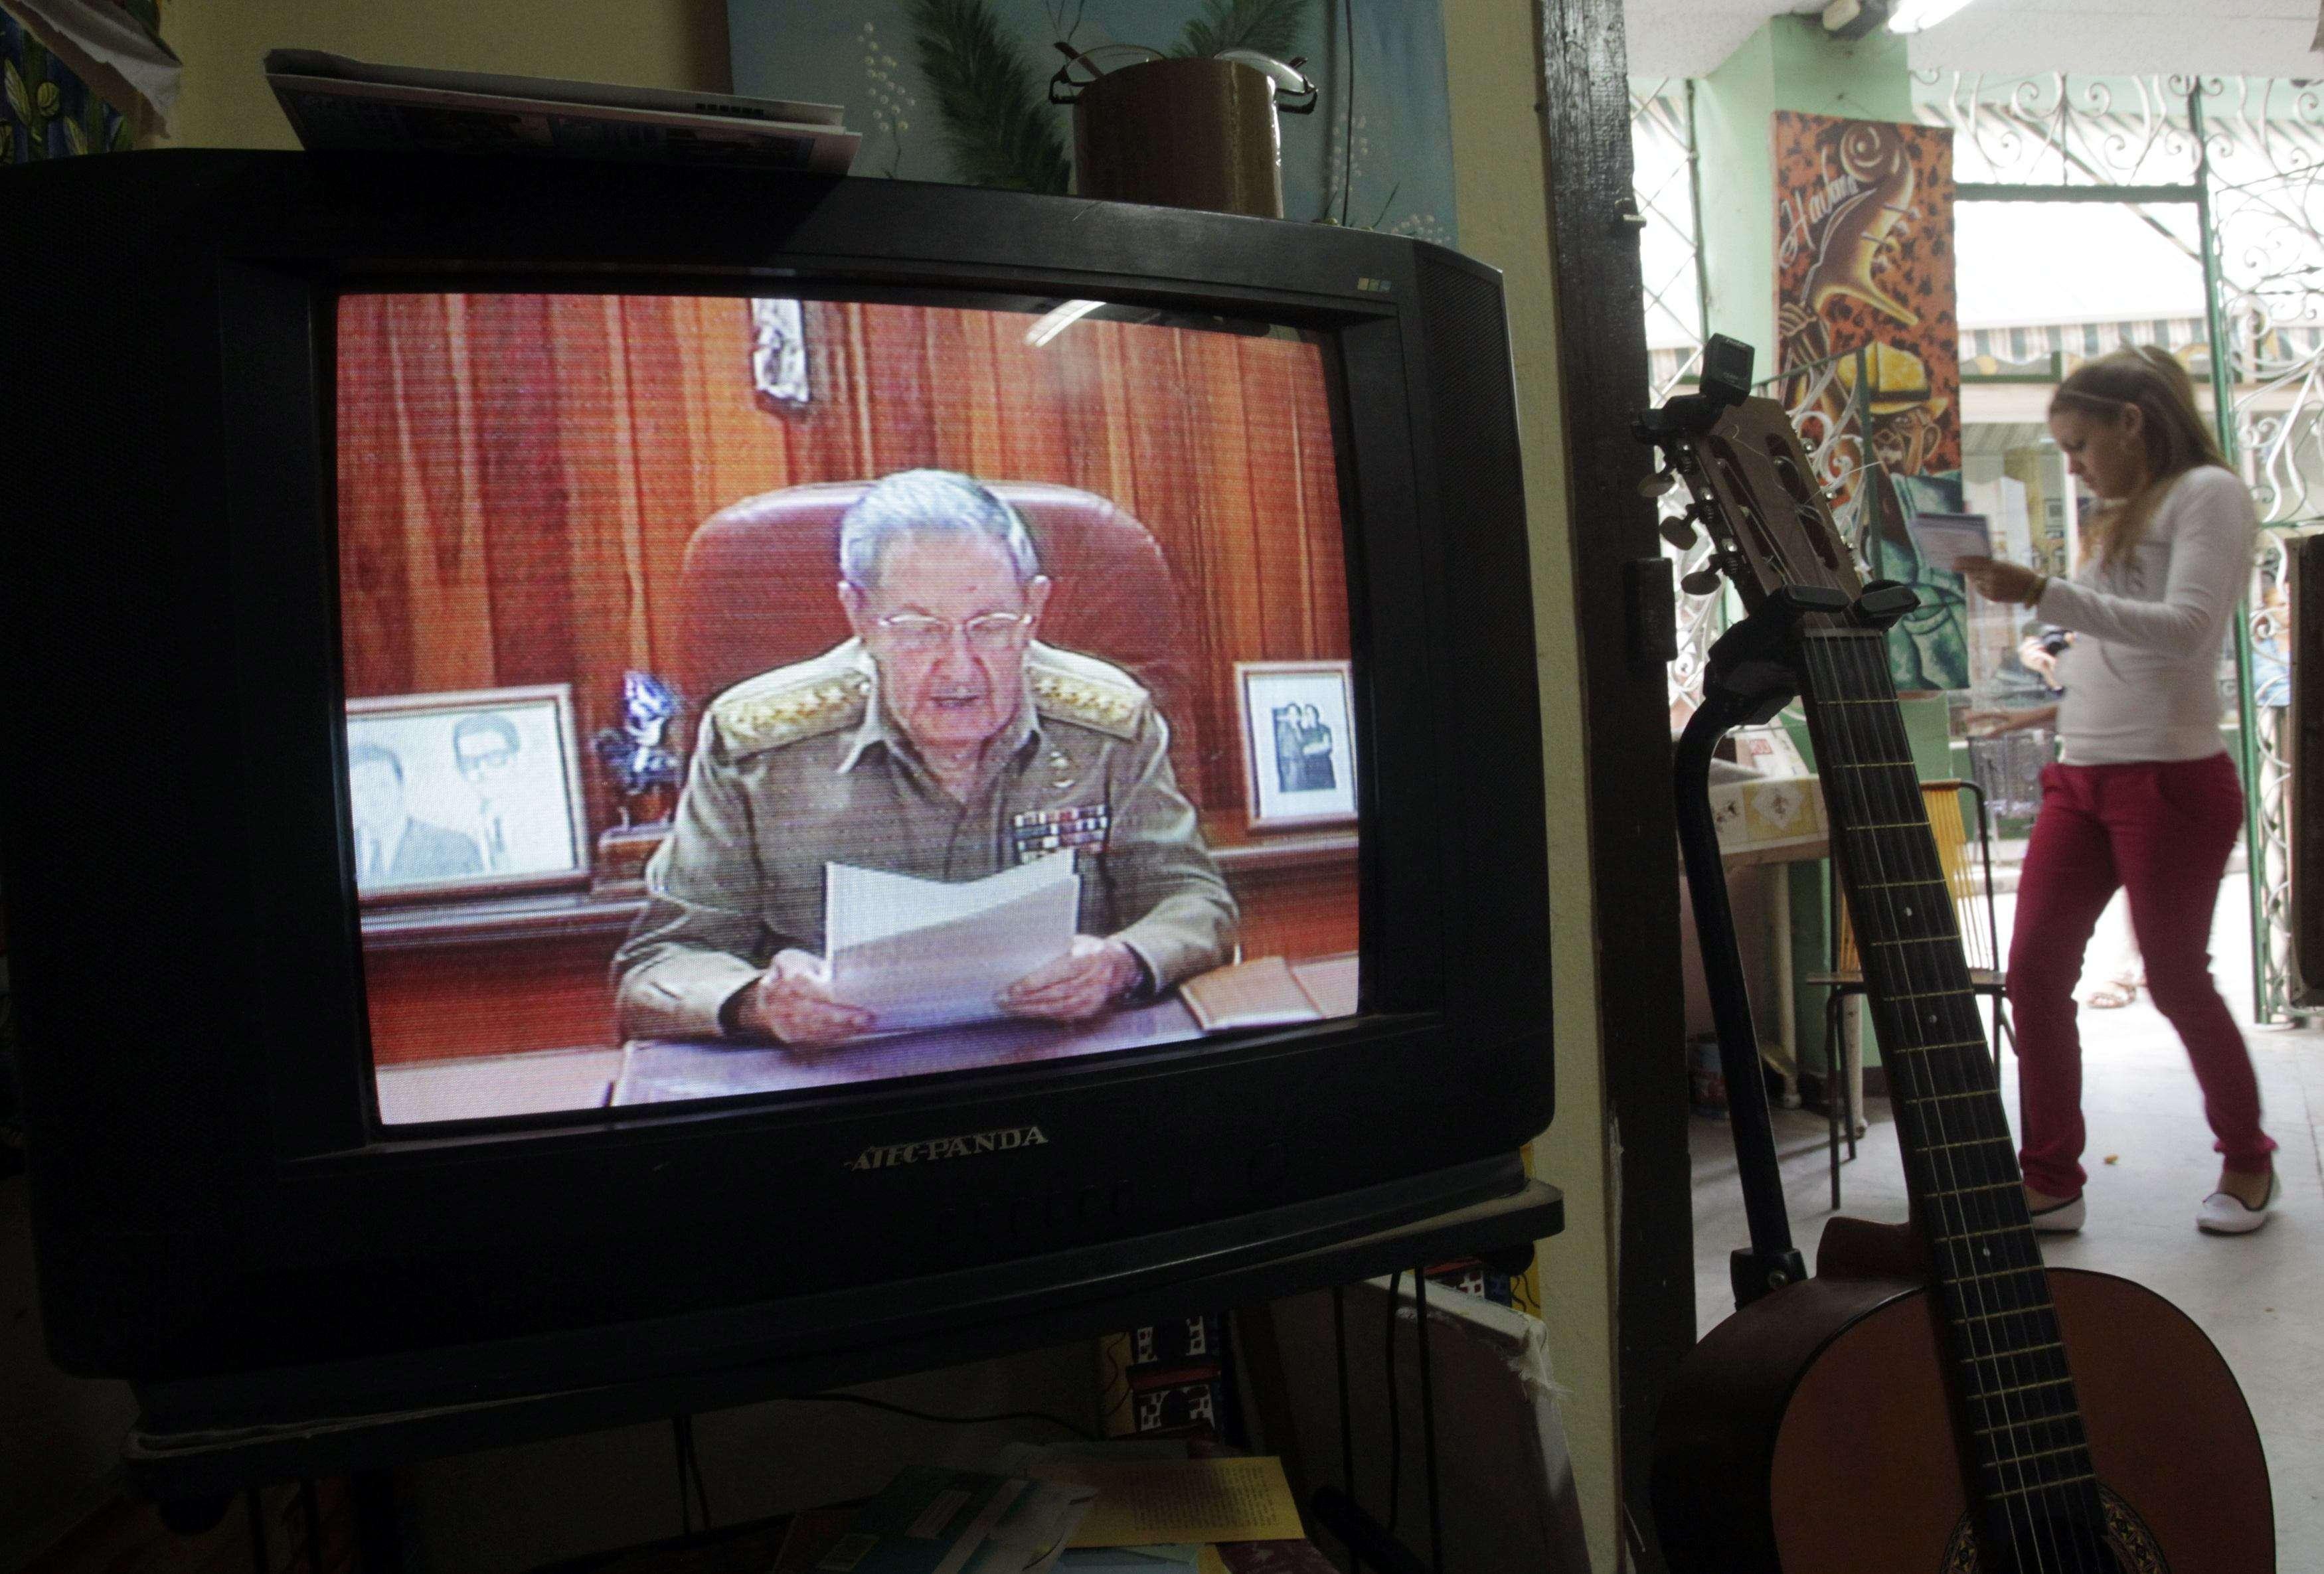 Una TV en Habana muestra la imagen del presidente Raúl Castro anunciando el restablecimiento de las relaciones entre Cuba y Estados Unidos. Foto: Reuters en español